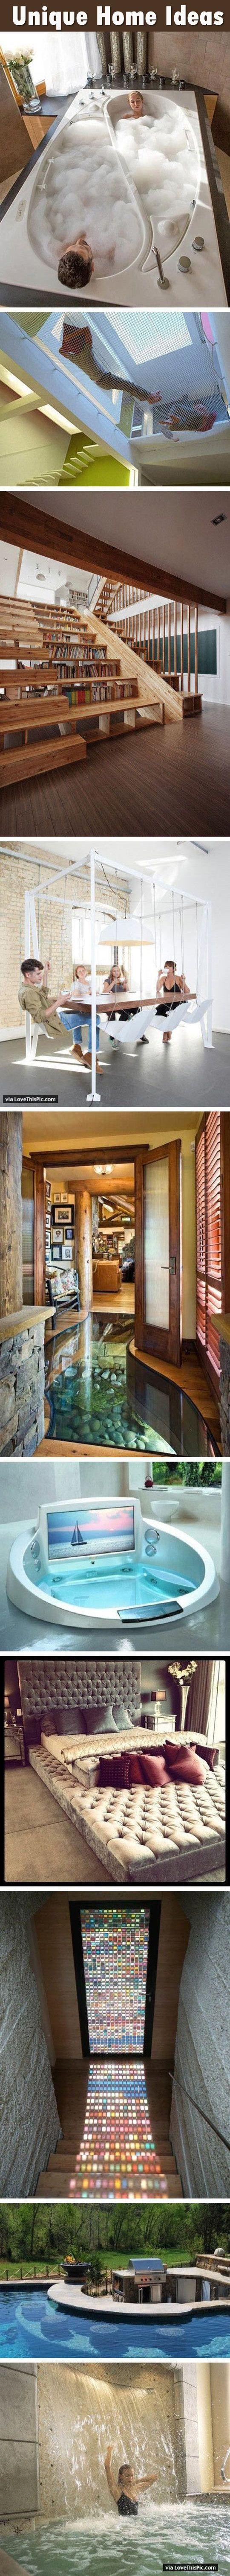 Unique Home Ideas cool bath stairs modern bathroom interior design ...